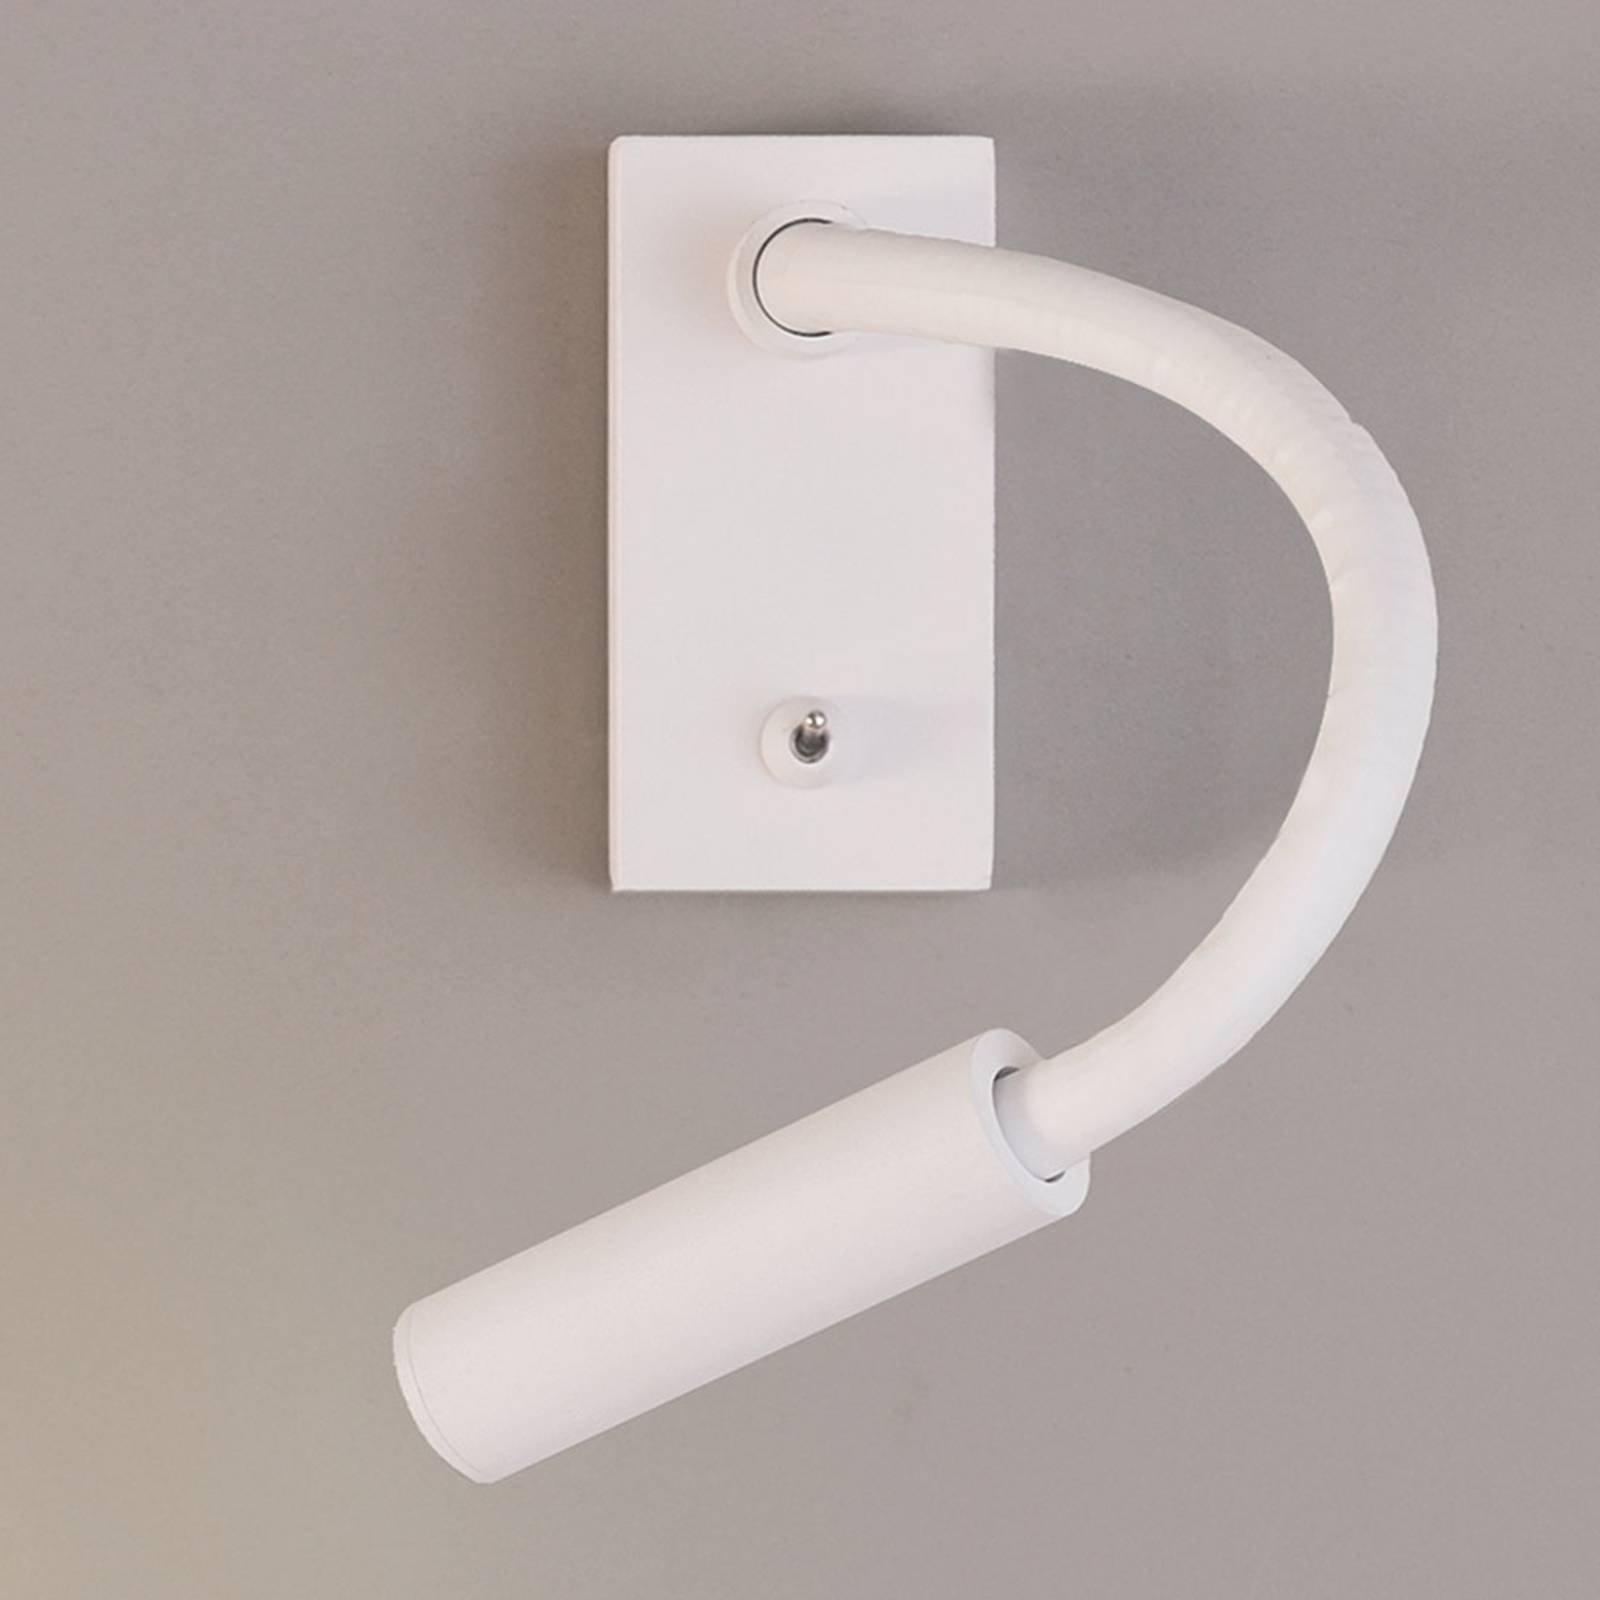 Bøyelig LED-veggleselampe Cio med bryter